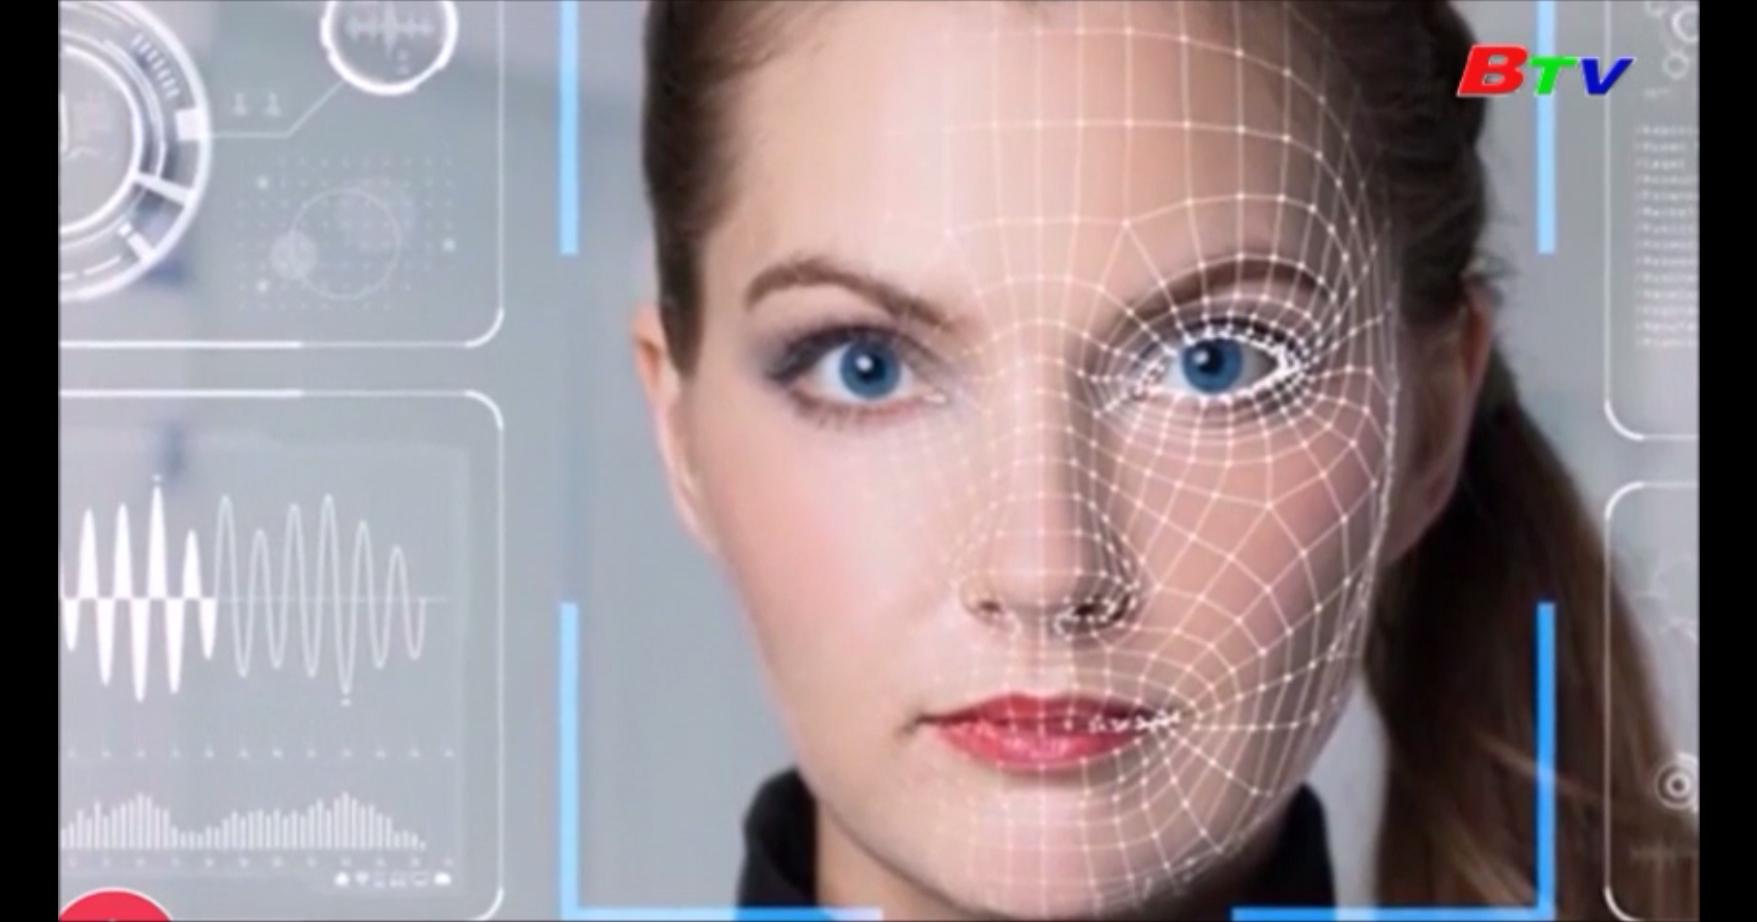 Viện Nghiên cứu Trí tuệ Nhân tạo VinAl Research nghiên cứu thành công công nghệ nhận diện khuôn mặt